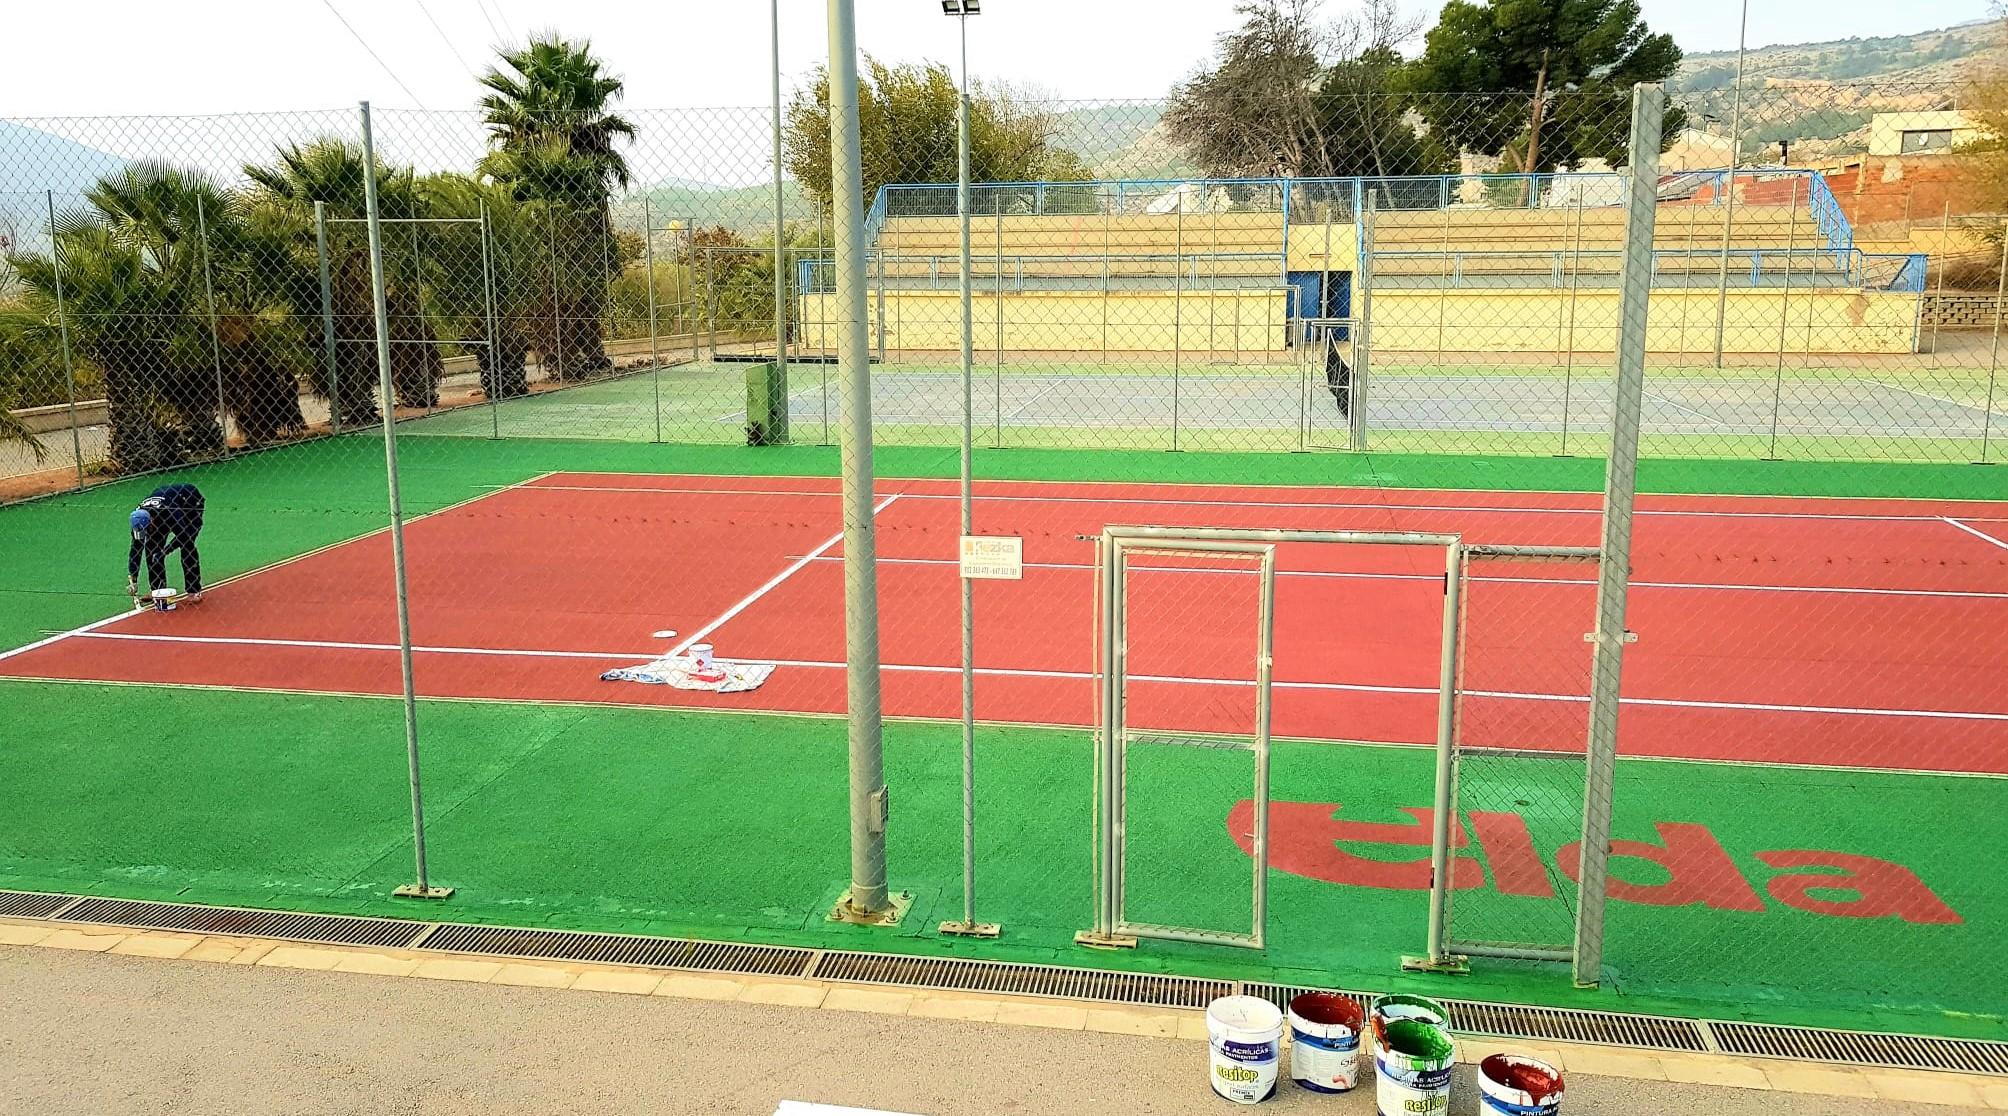 La Concejalía de Deportes remodela las pistas de tenis del Complejo Deportivo de San Crispín